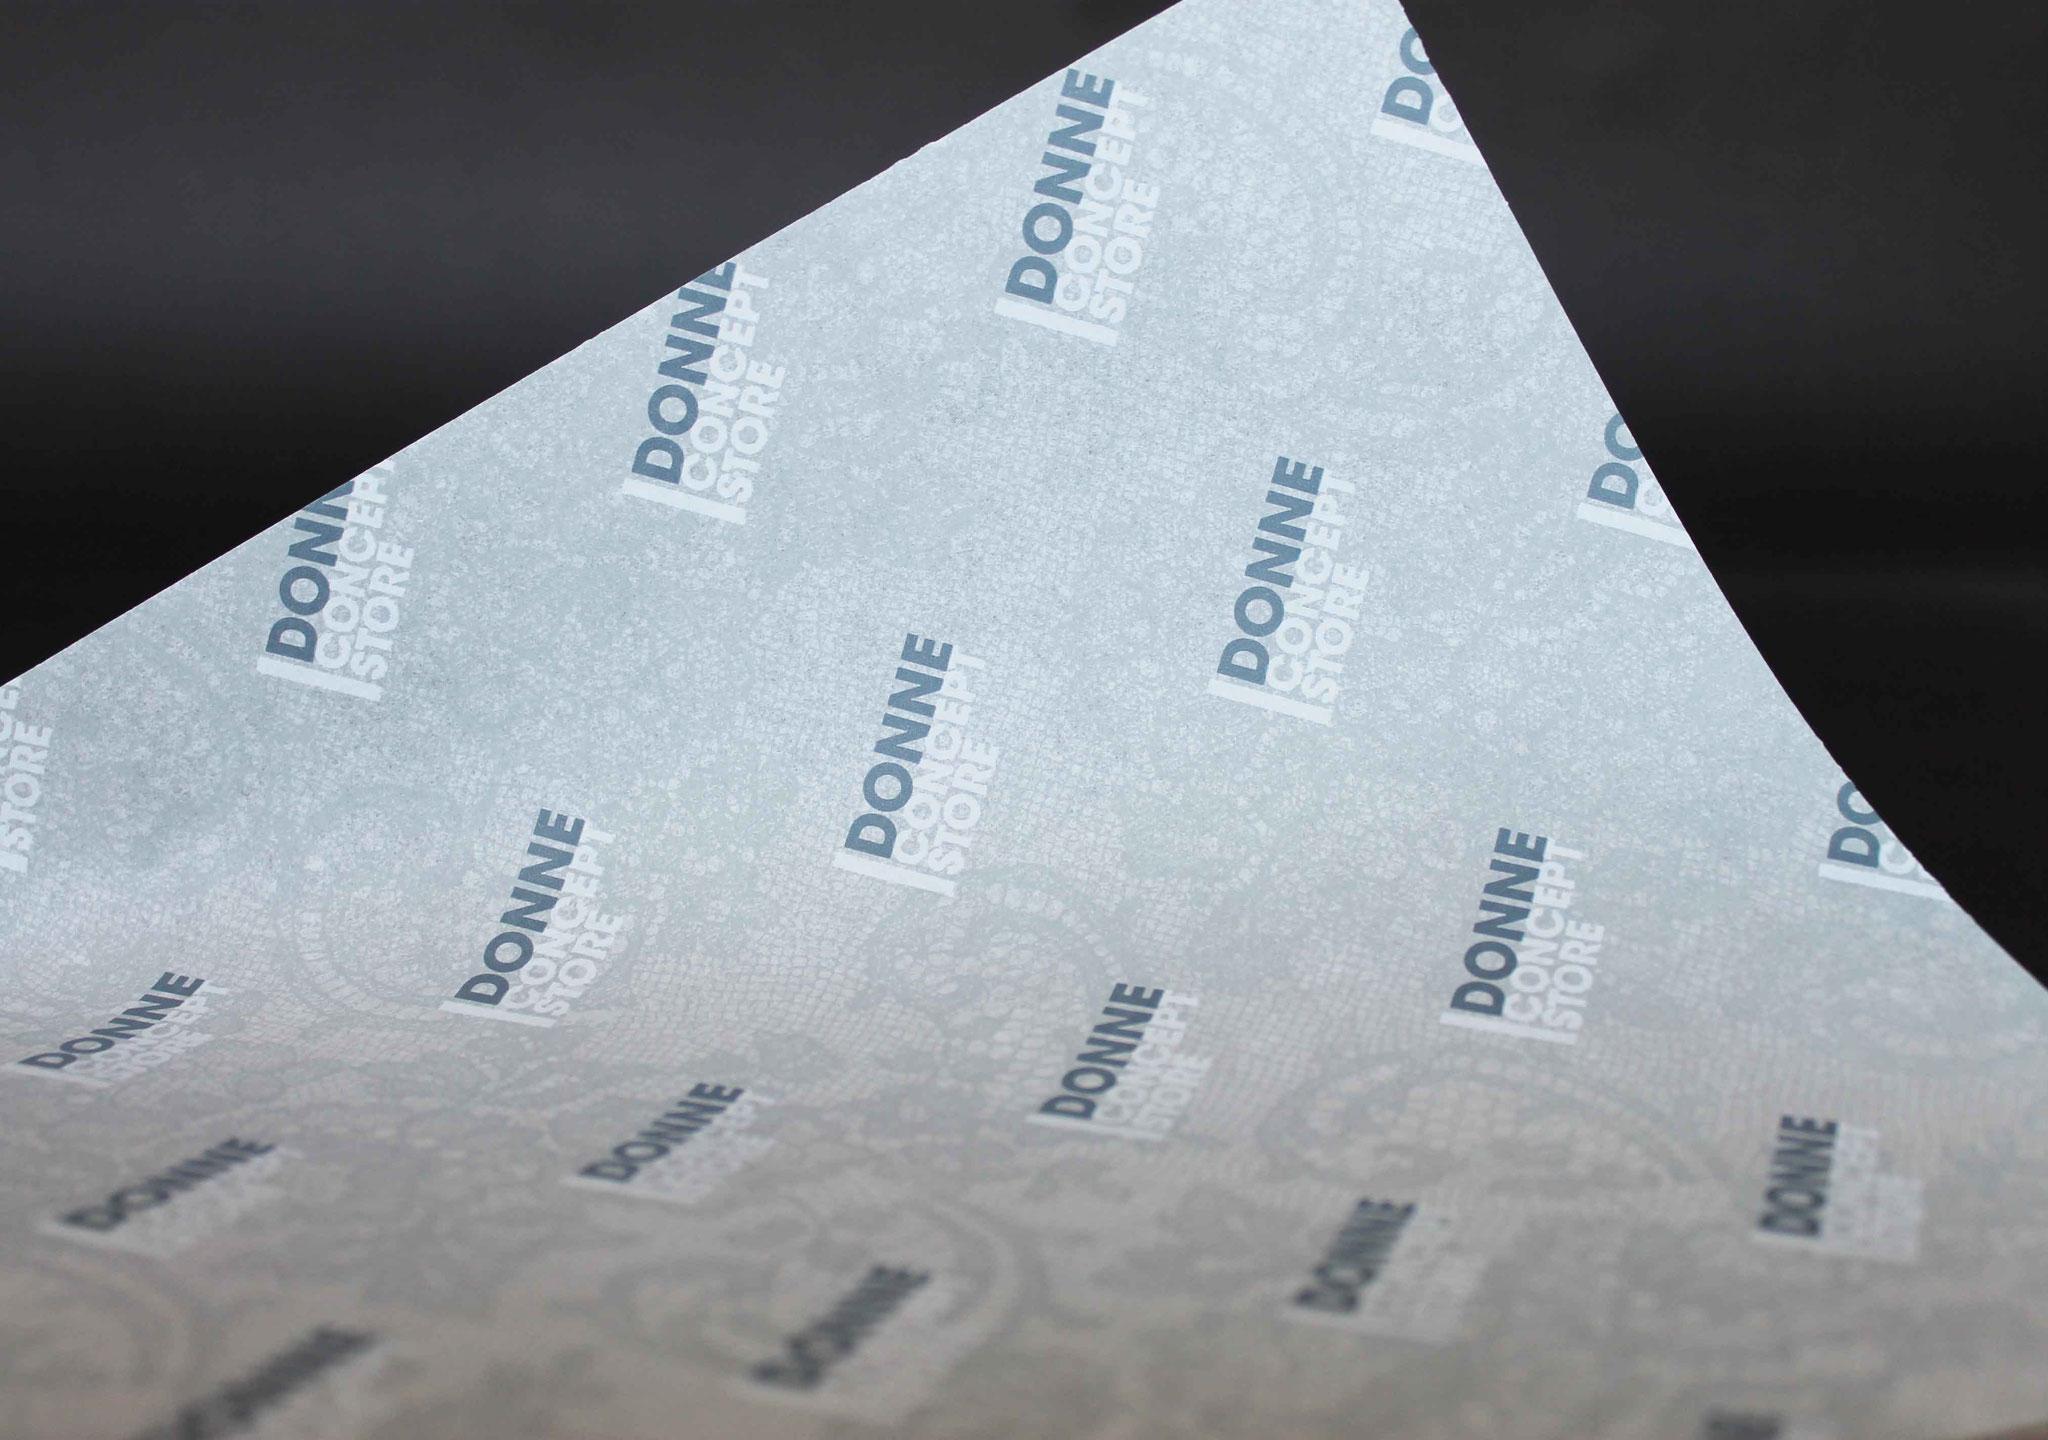 Druck: Grau und Weiß, Papier: Weiß